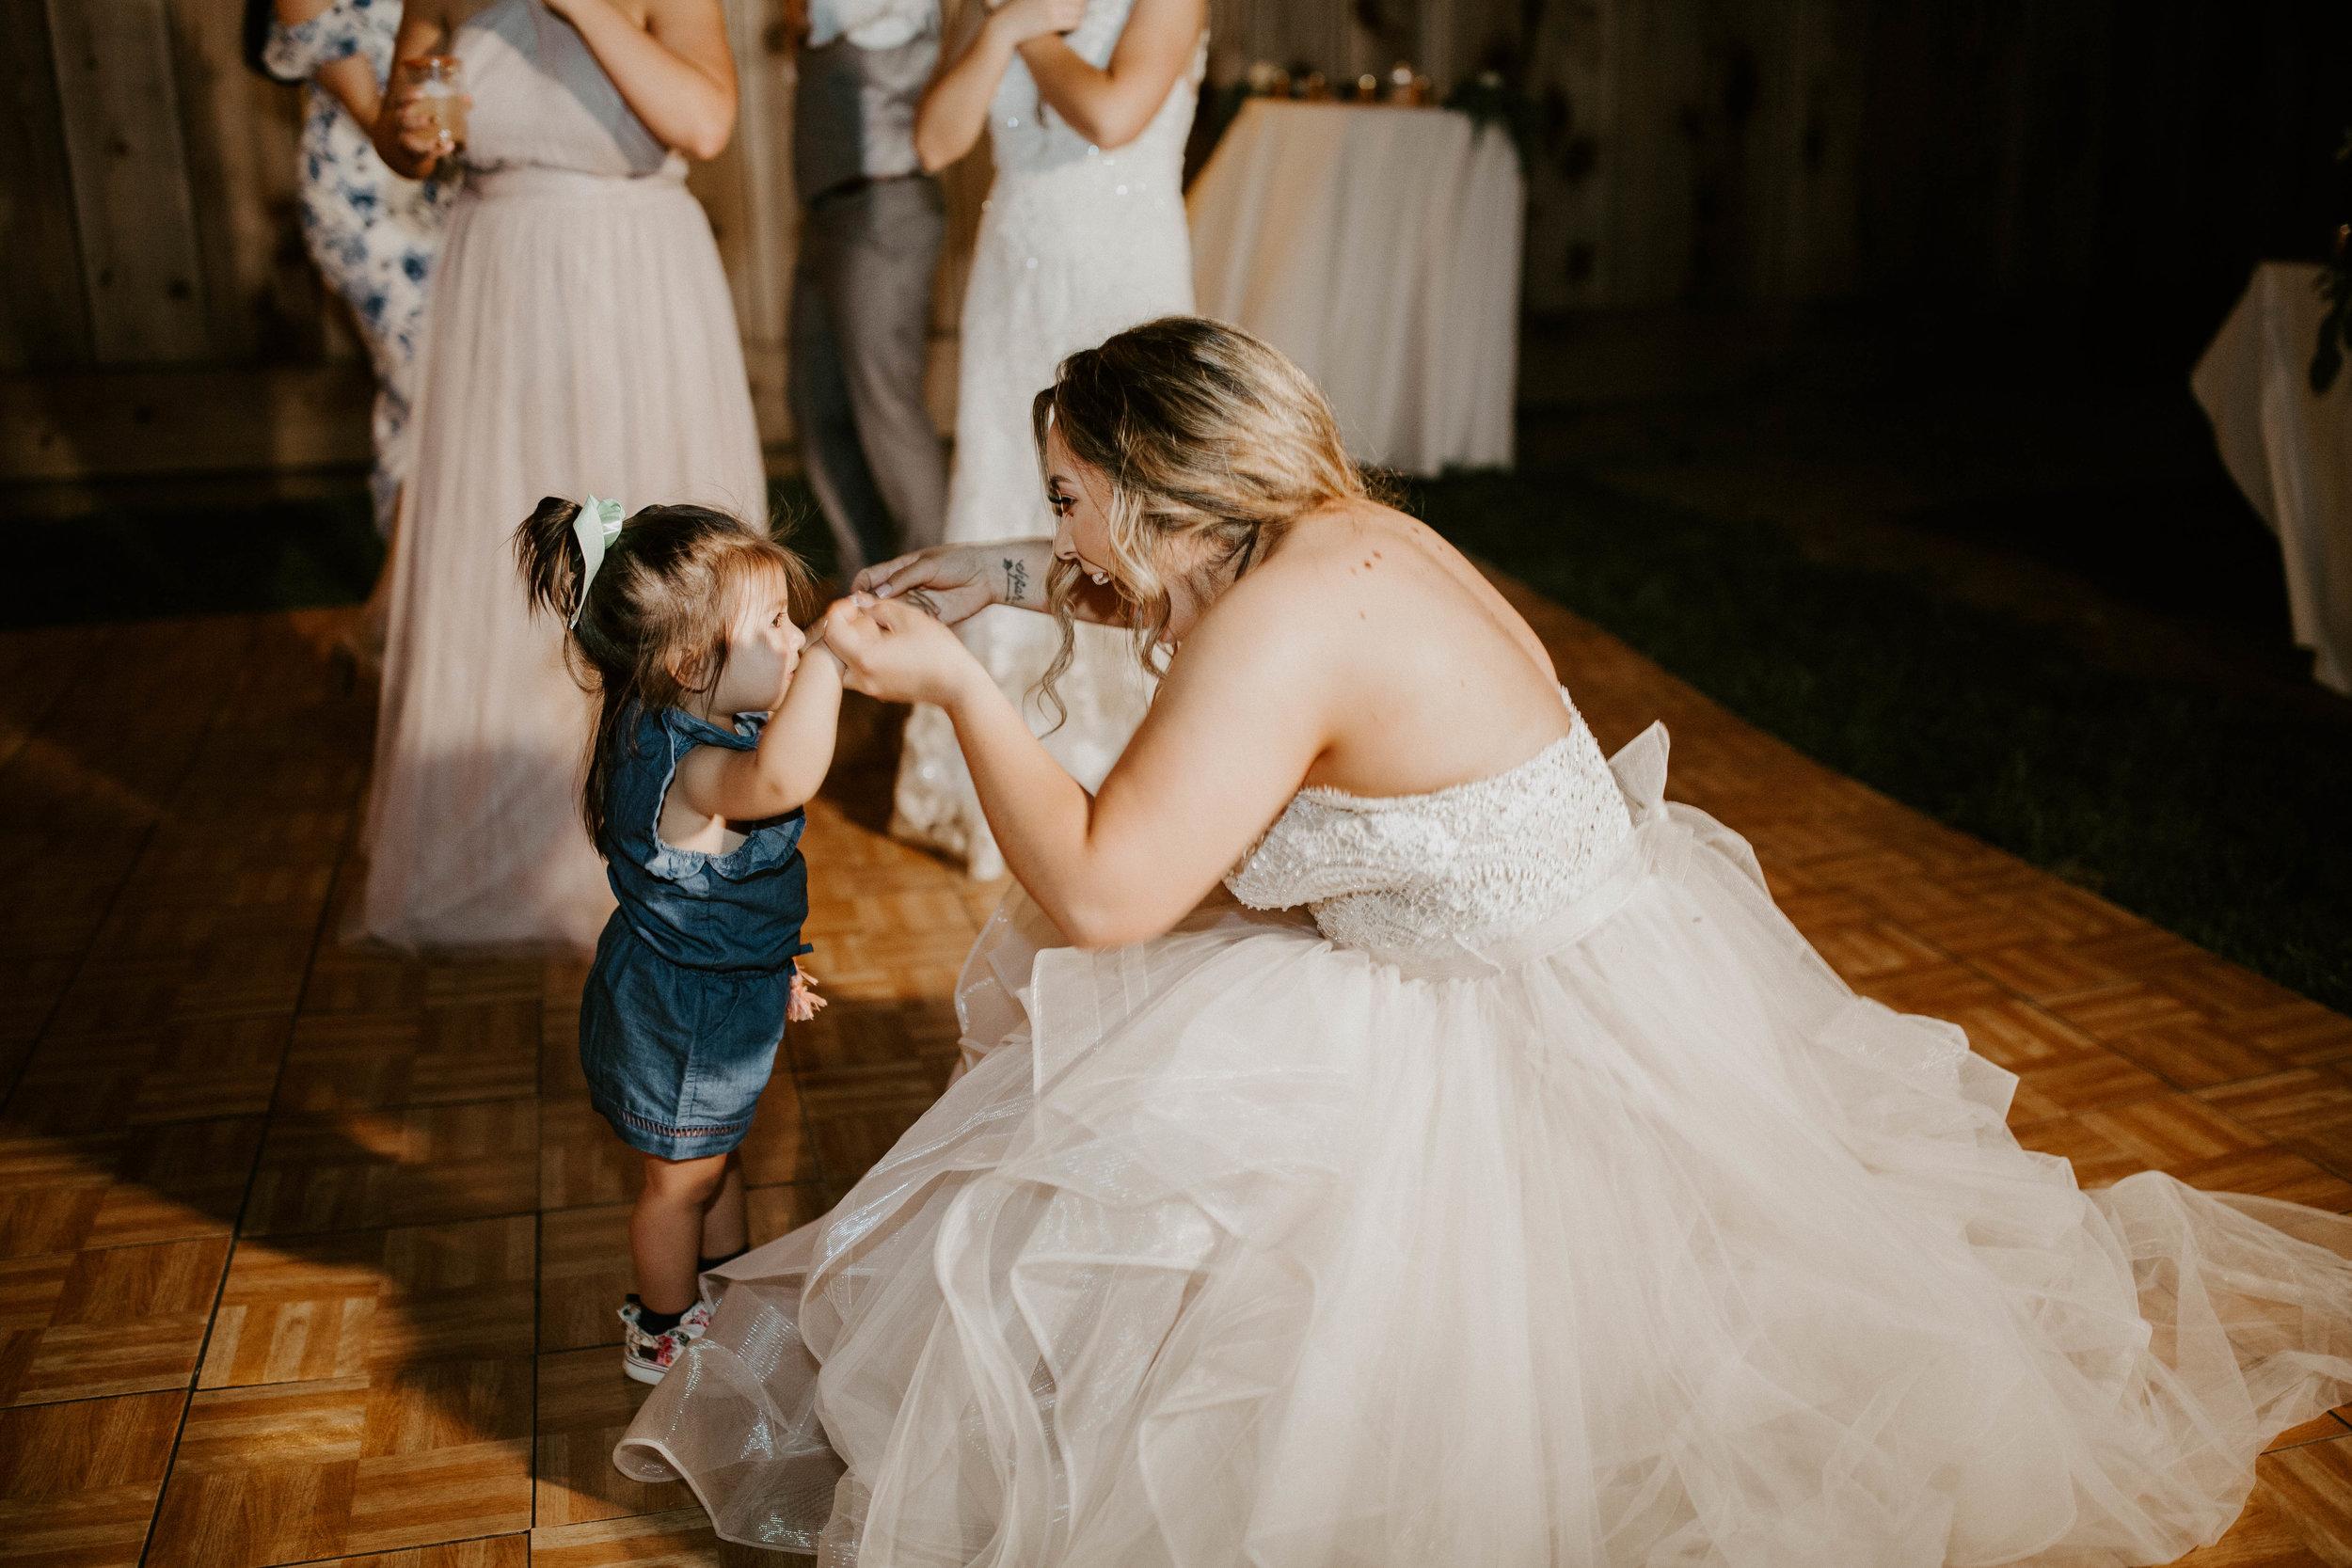 Kelsee&Yudith'sbackyardintimatewedding(567of646).jpg